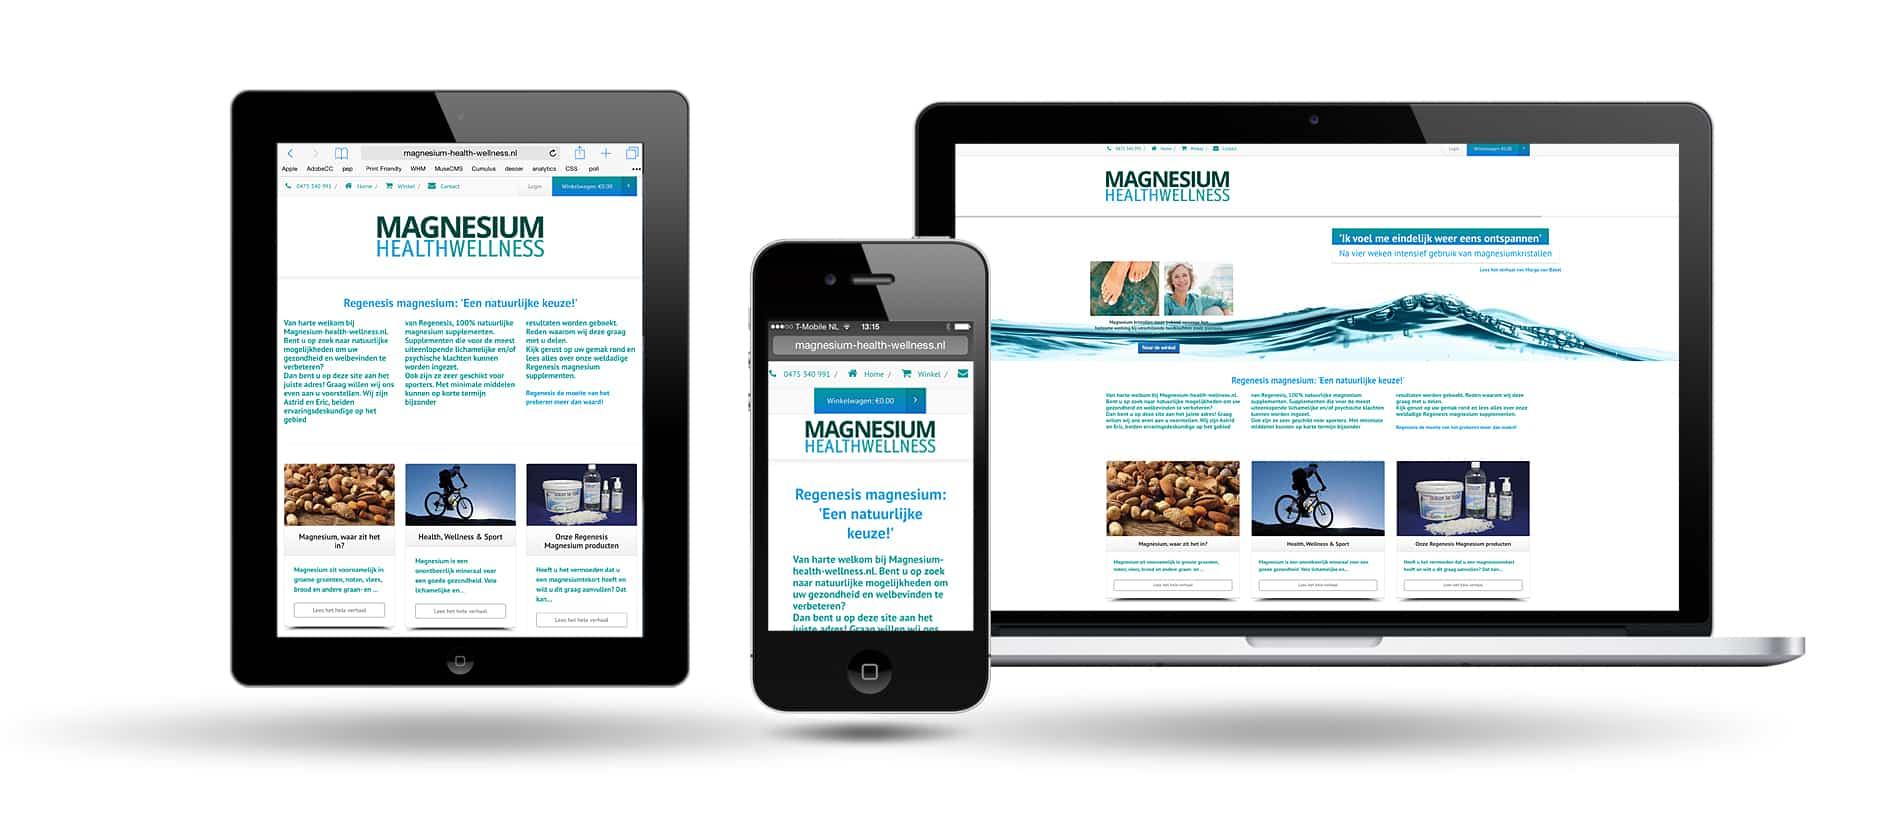 ipad-phone-laptop-magnesium